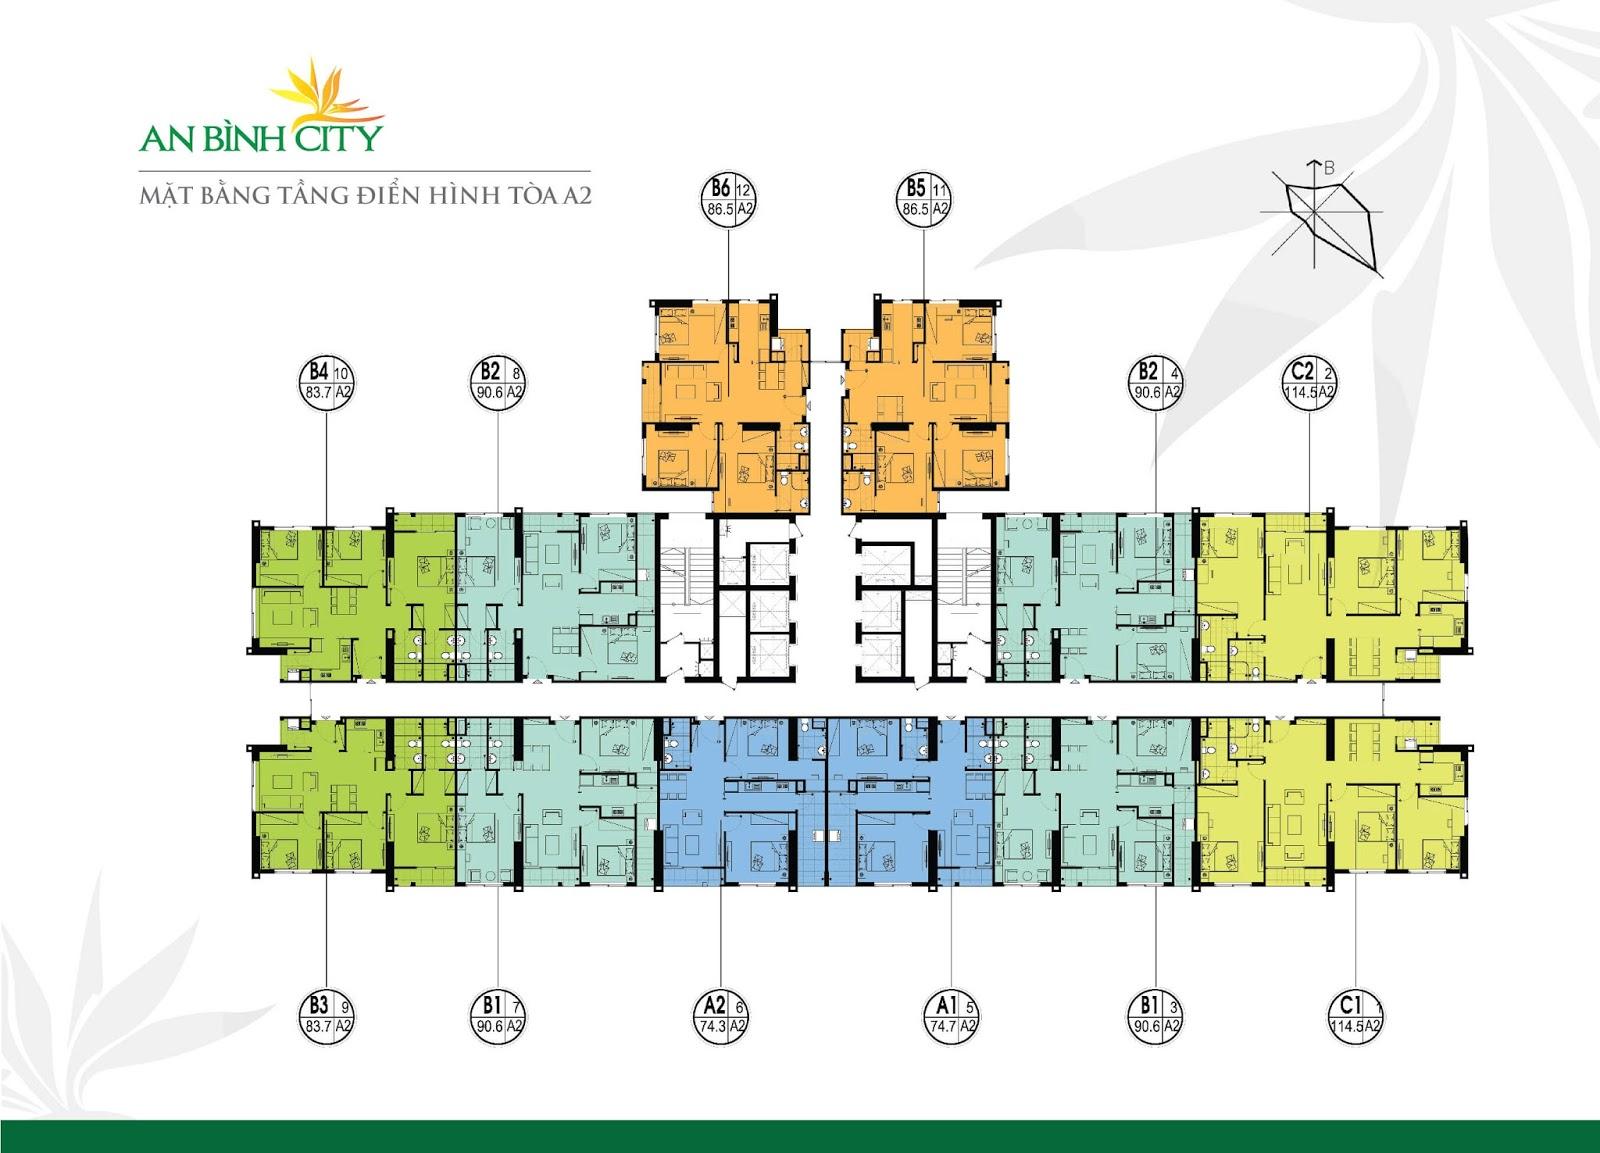 Mặt bằng chi tiết toà A2 tại chung cư An Bình City - 232 Phạm Văn Đồng